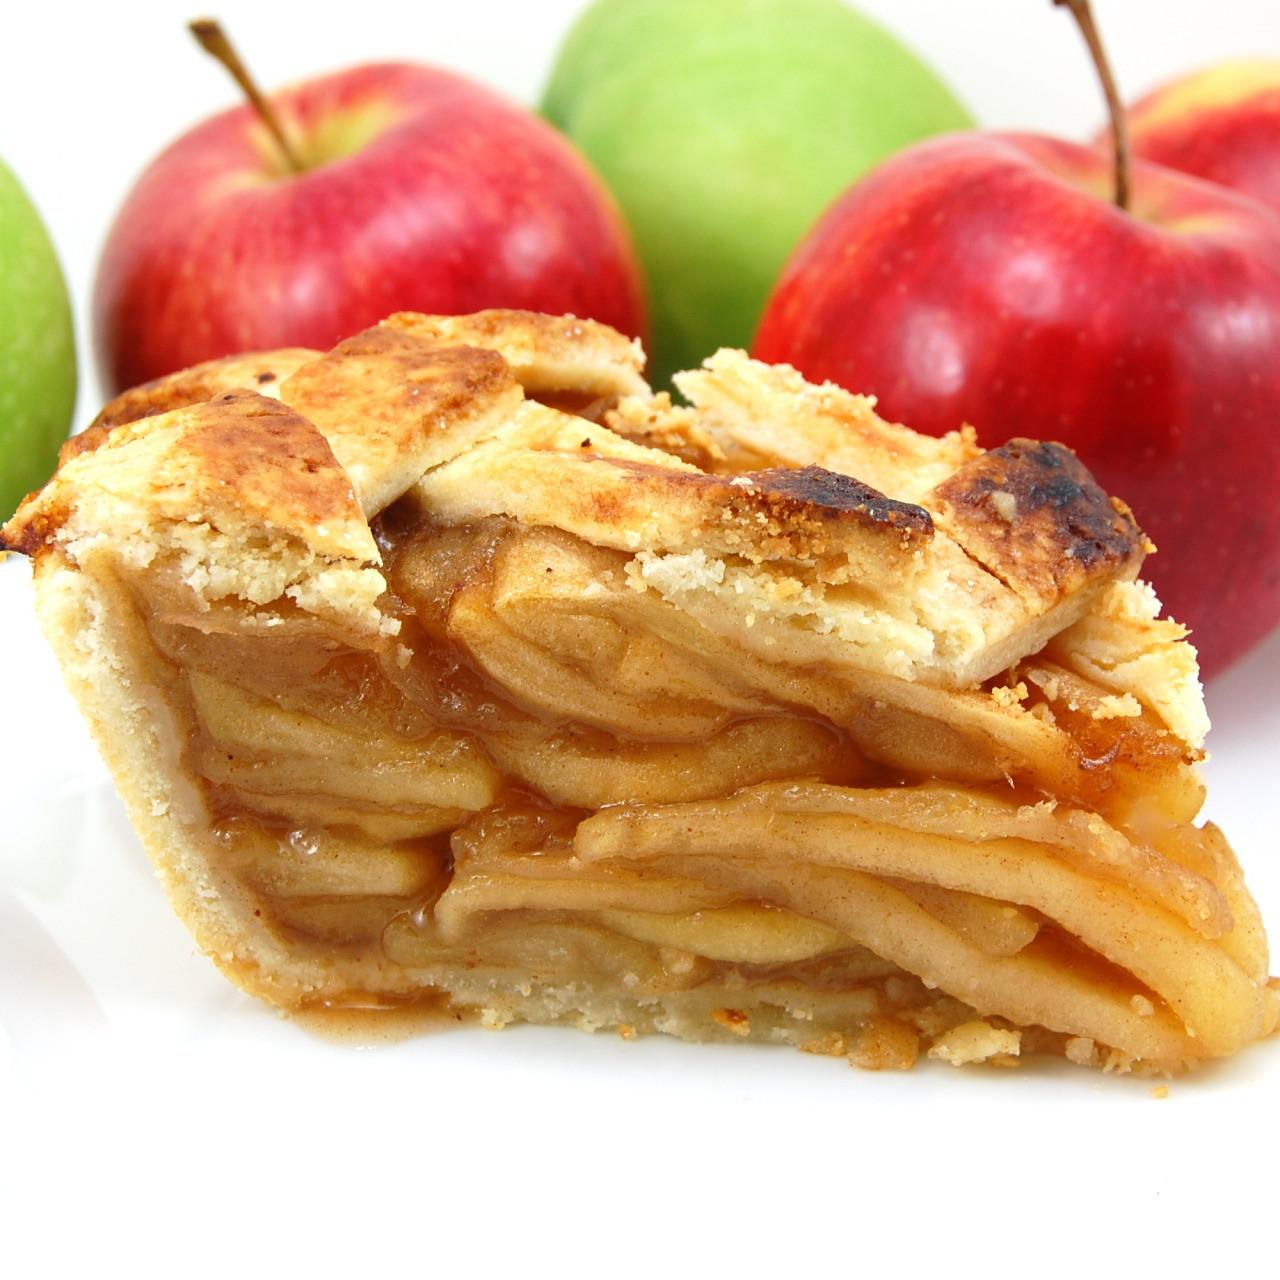 Vegan Apple Pie  Vegan Food Is Real Food — Vegan Apple Pie Round Up Perfect